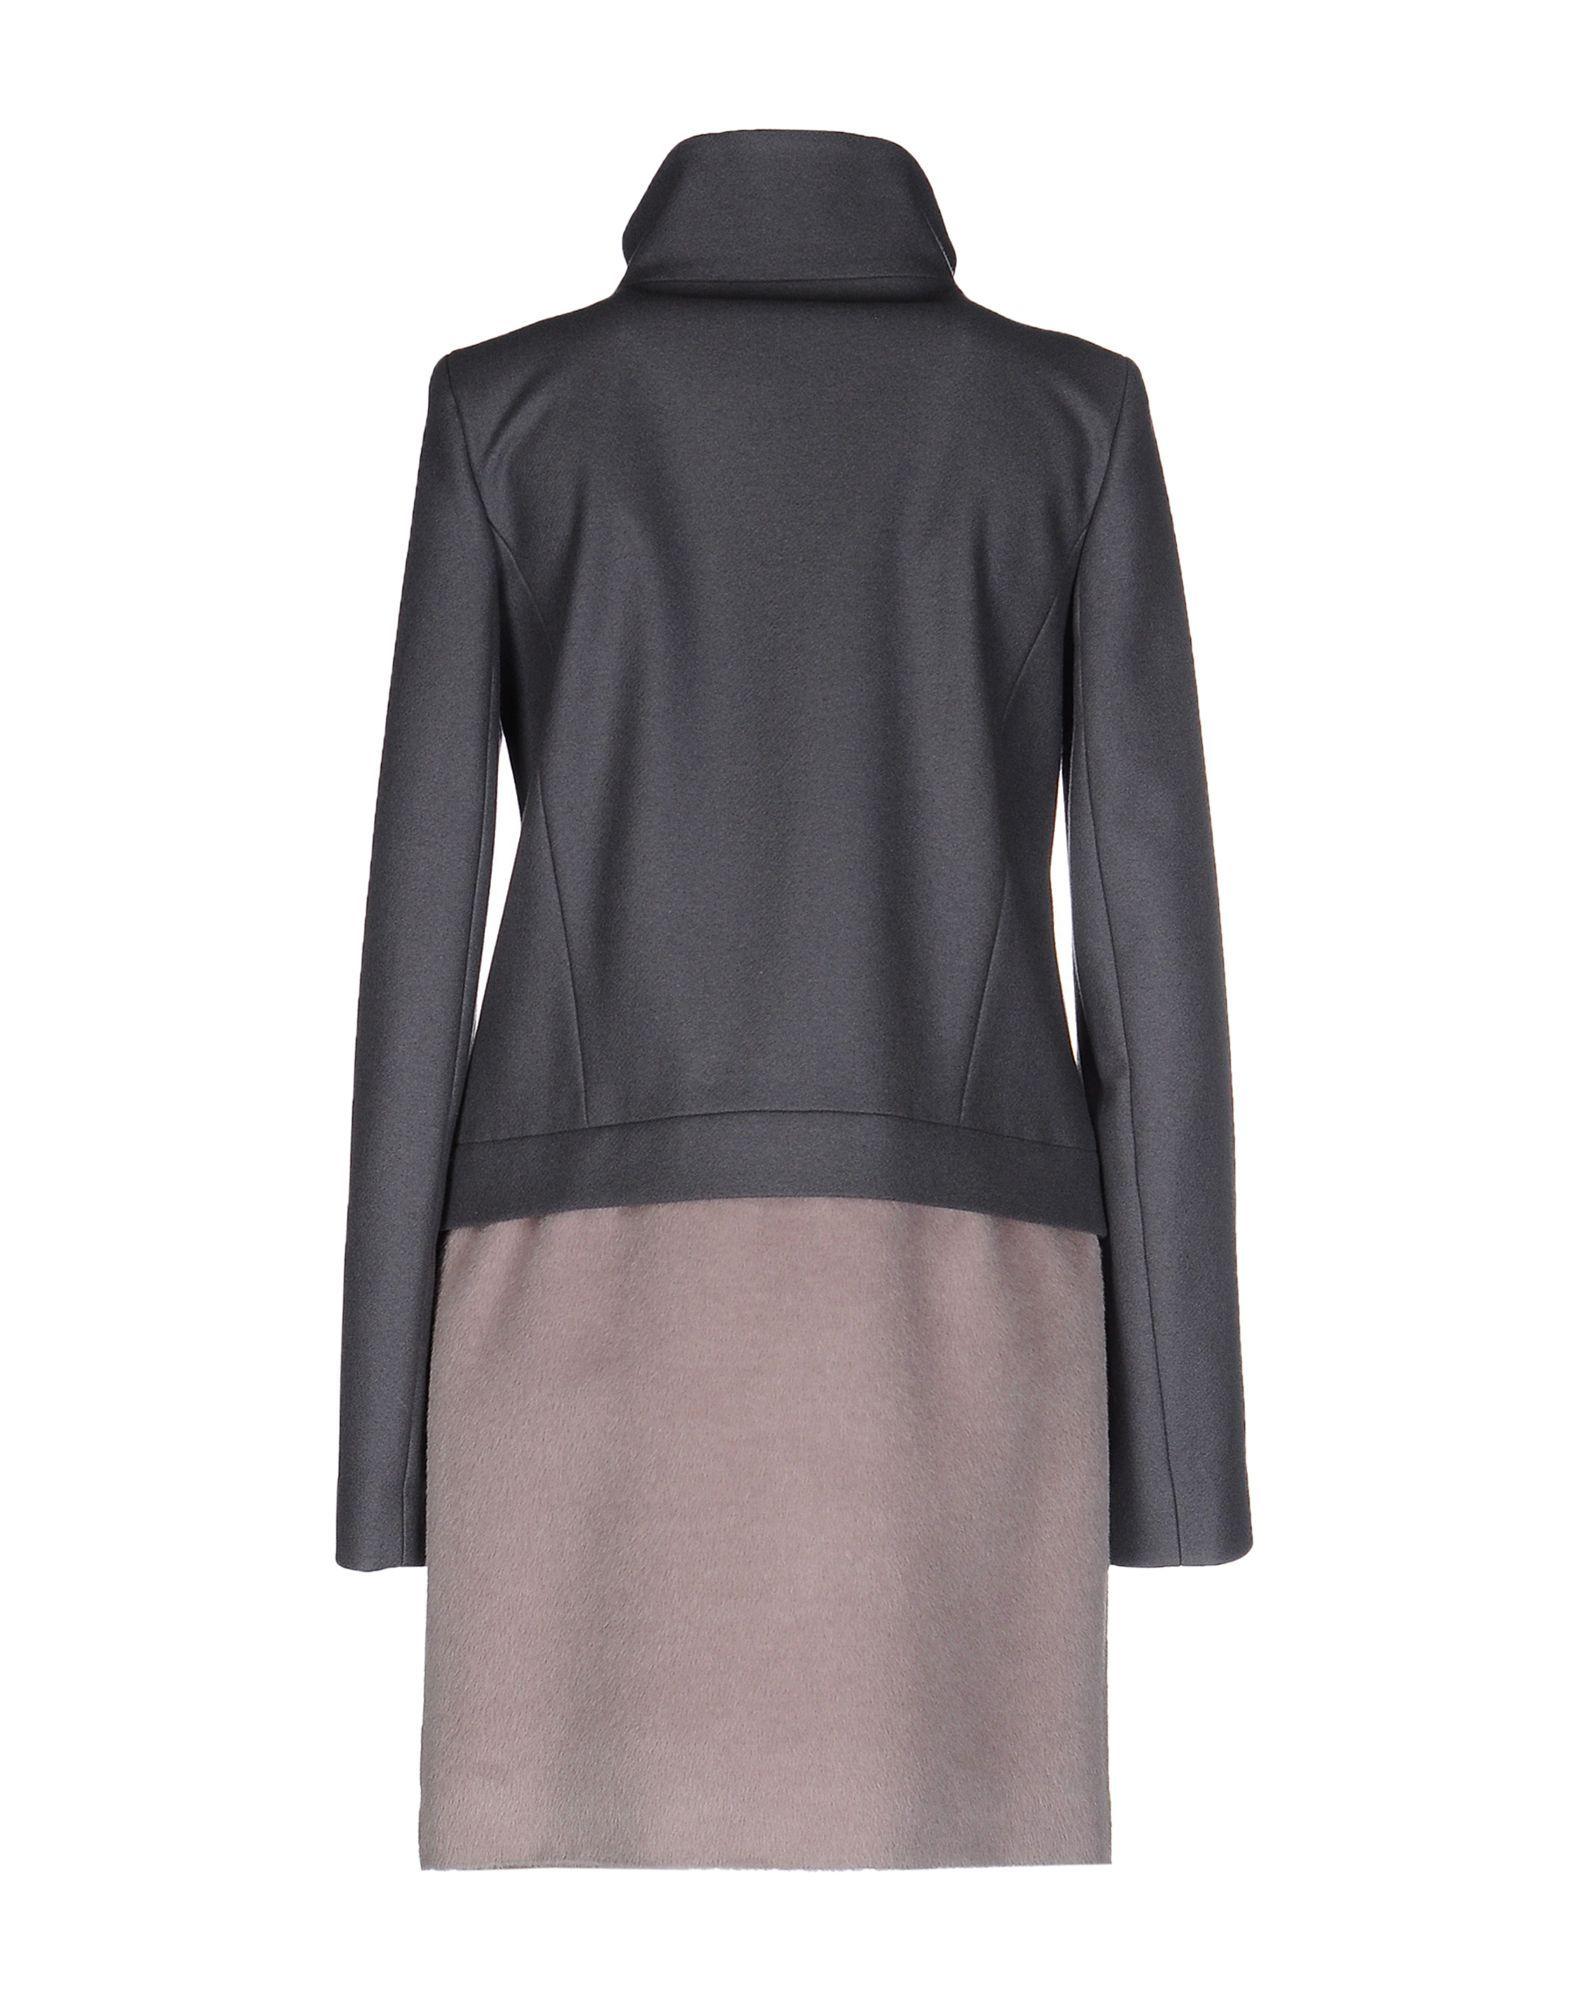 Patrizia Pepe Grey Wool Coat